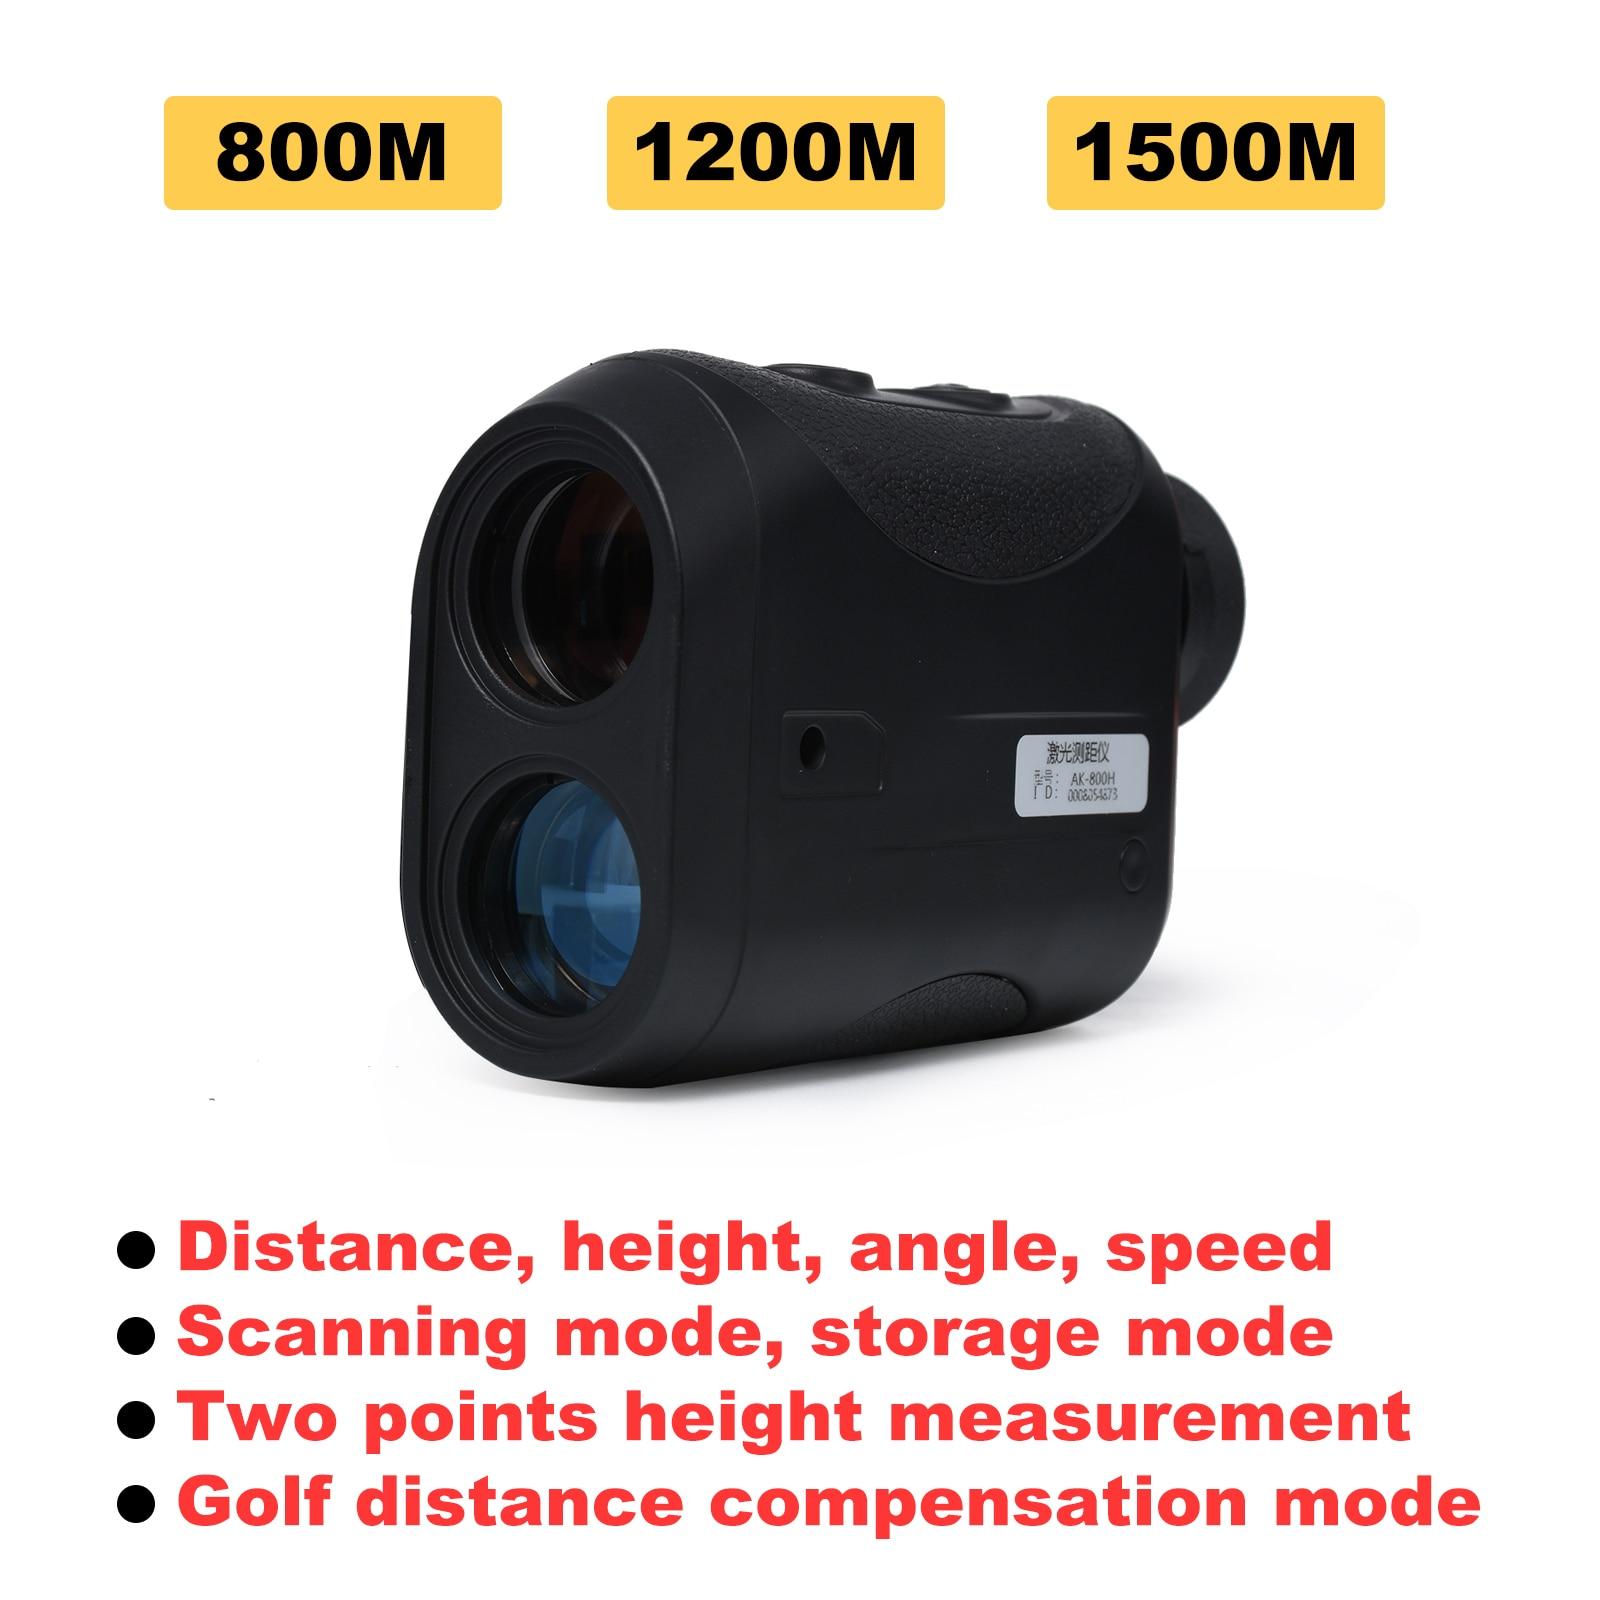 تلسكوب ليزر 8X ، جهاز تحديد المدى من 800 متر إلى 1500 متر ، جهاز تحديد المدى أحادي الليزر للصيد ، جولف ، قياس السرعة ، الزاوية ، الارتفاع